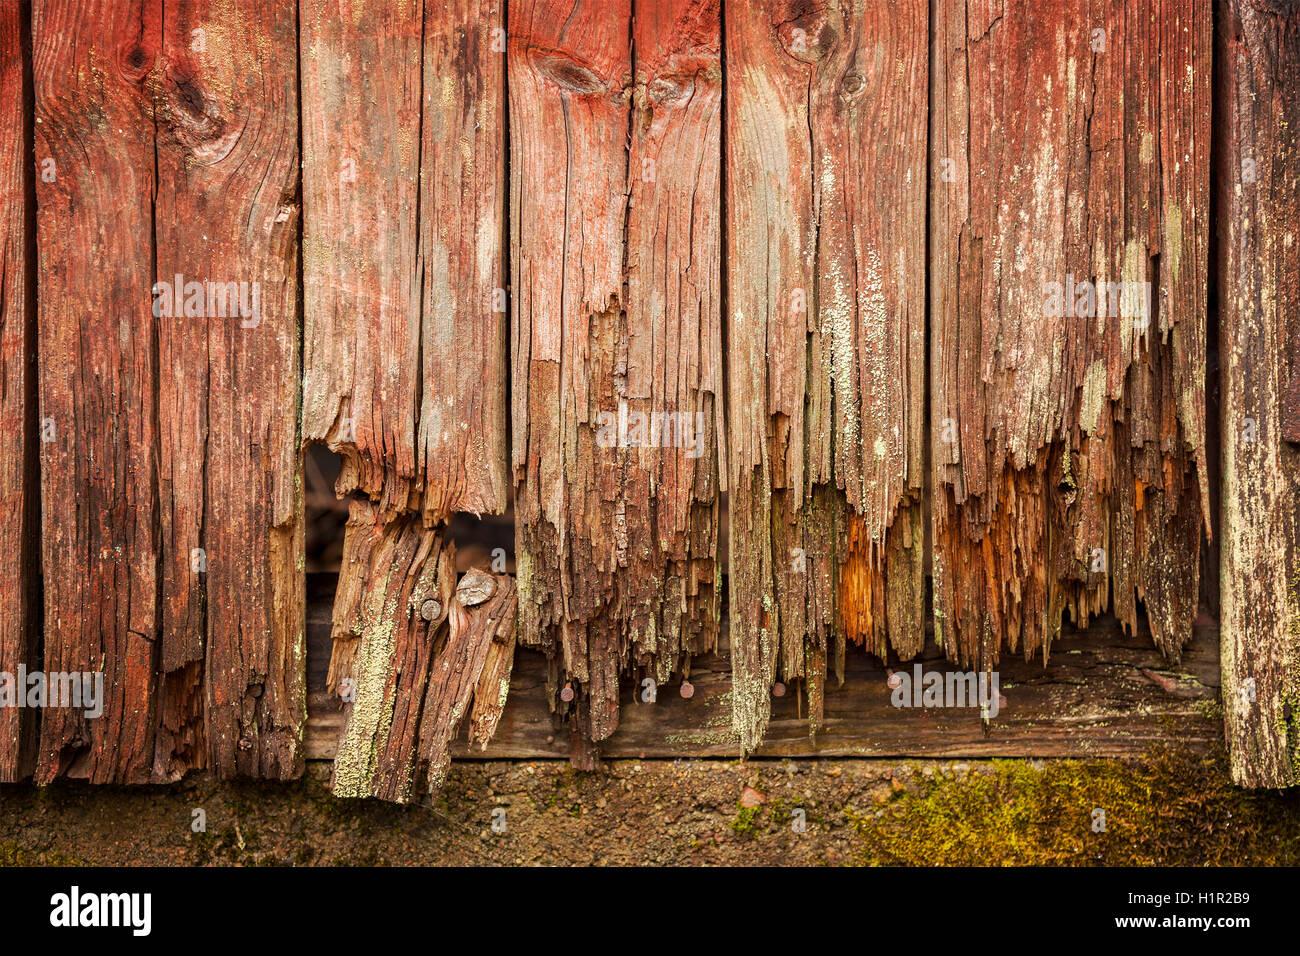 Image of worn old door planks. - Stock Image